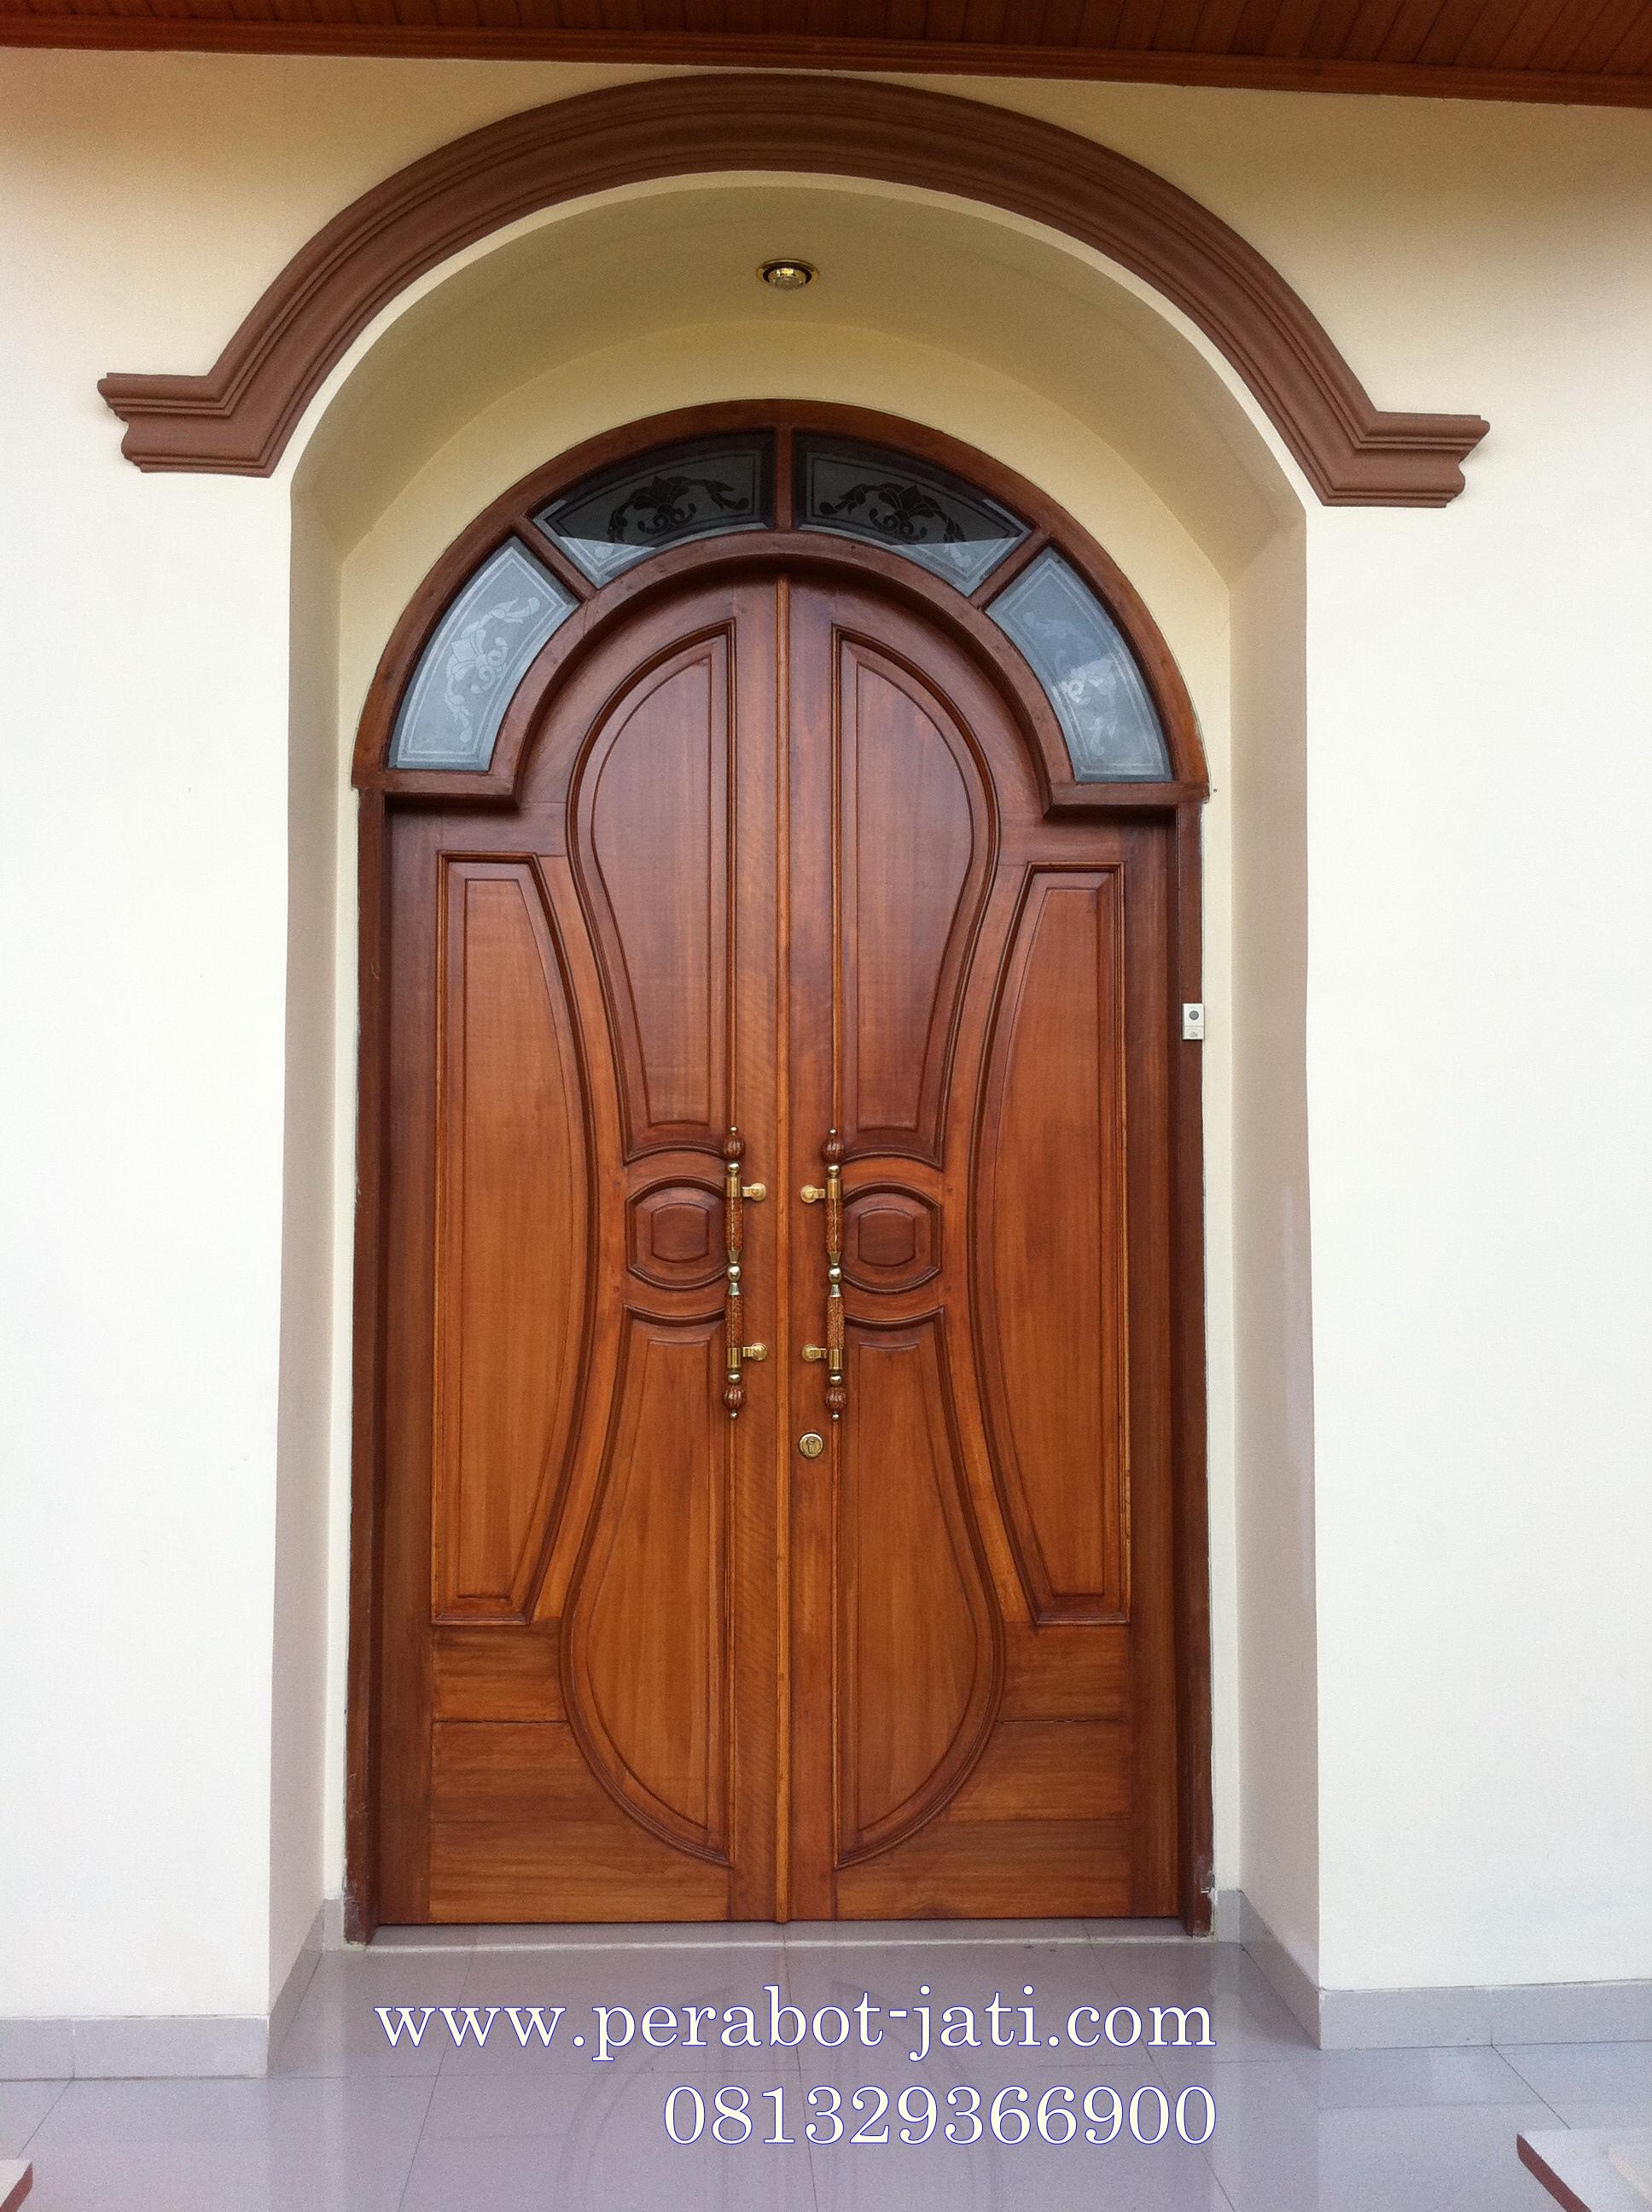 Gambar Pintu Dua Lengkung | Galerihom